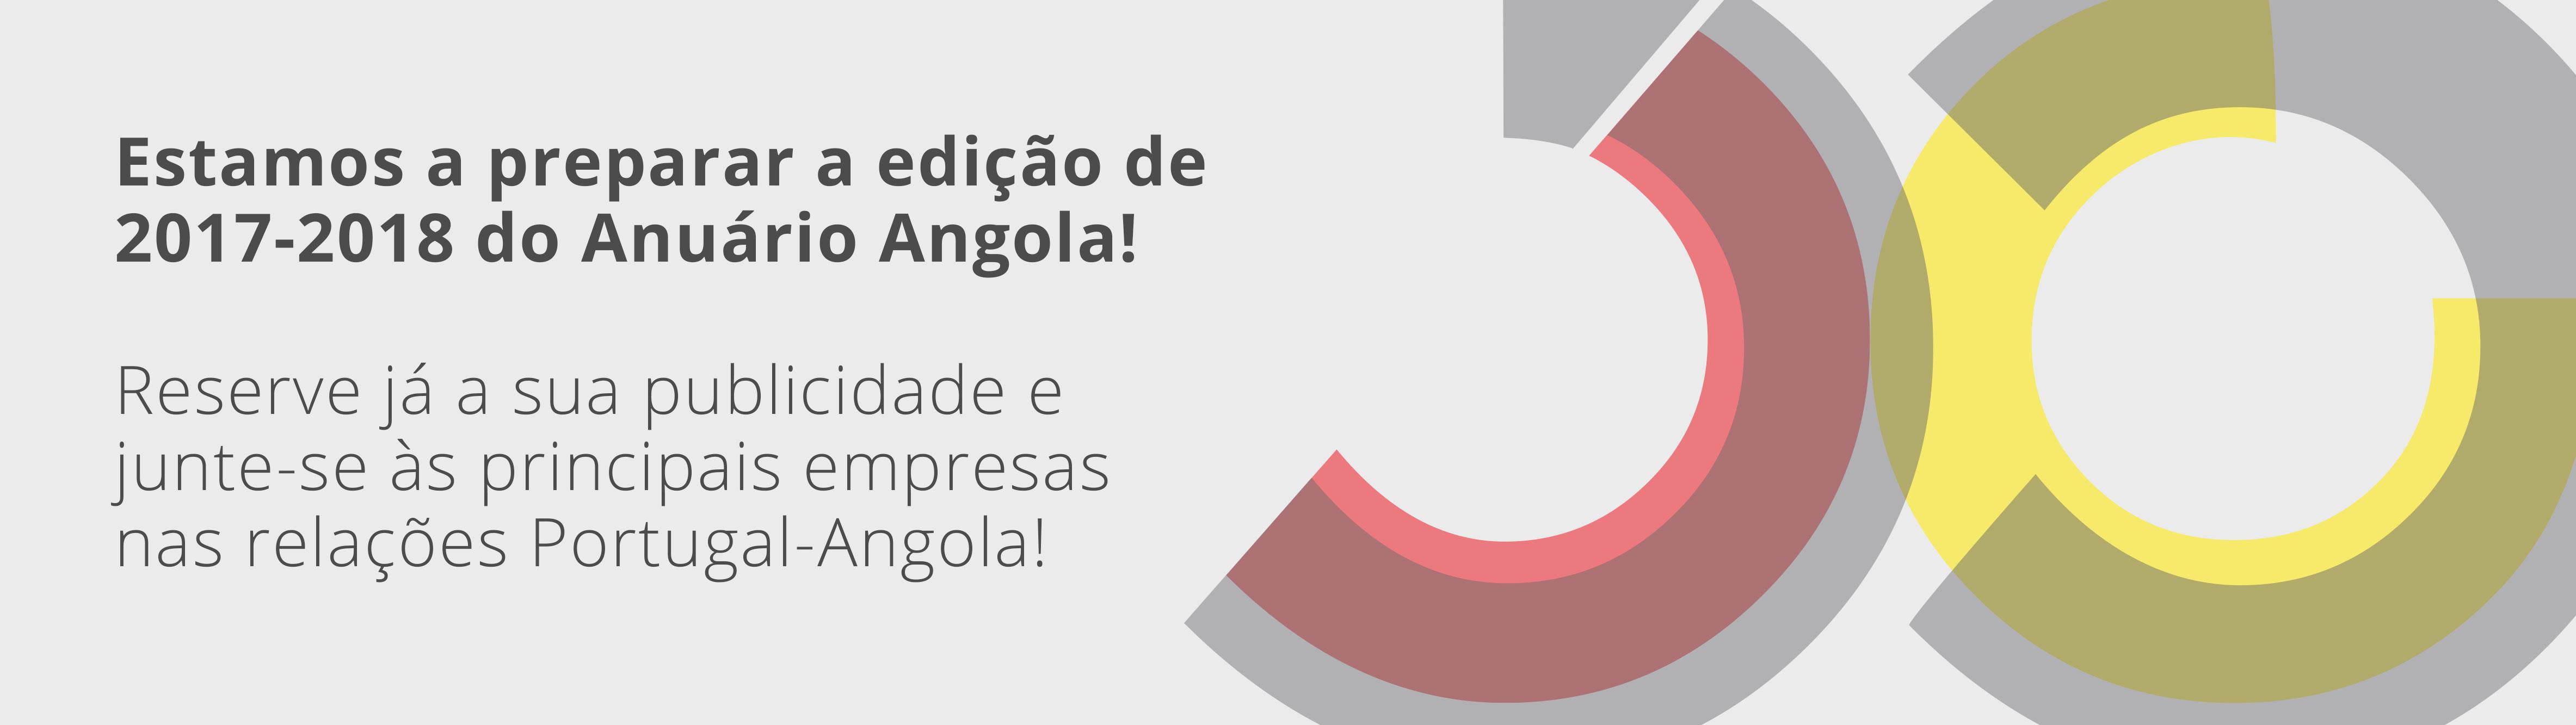 EM BREVE NA SUA CAIXA DE CORREIO!!!